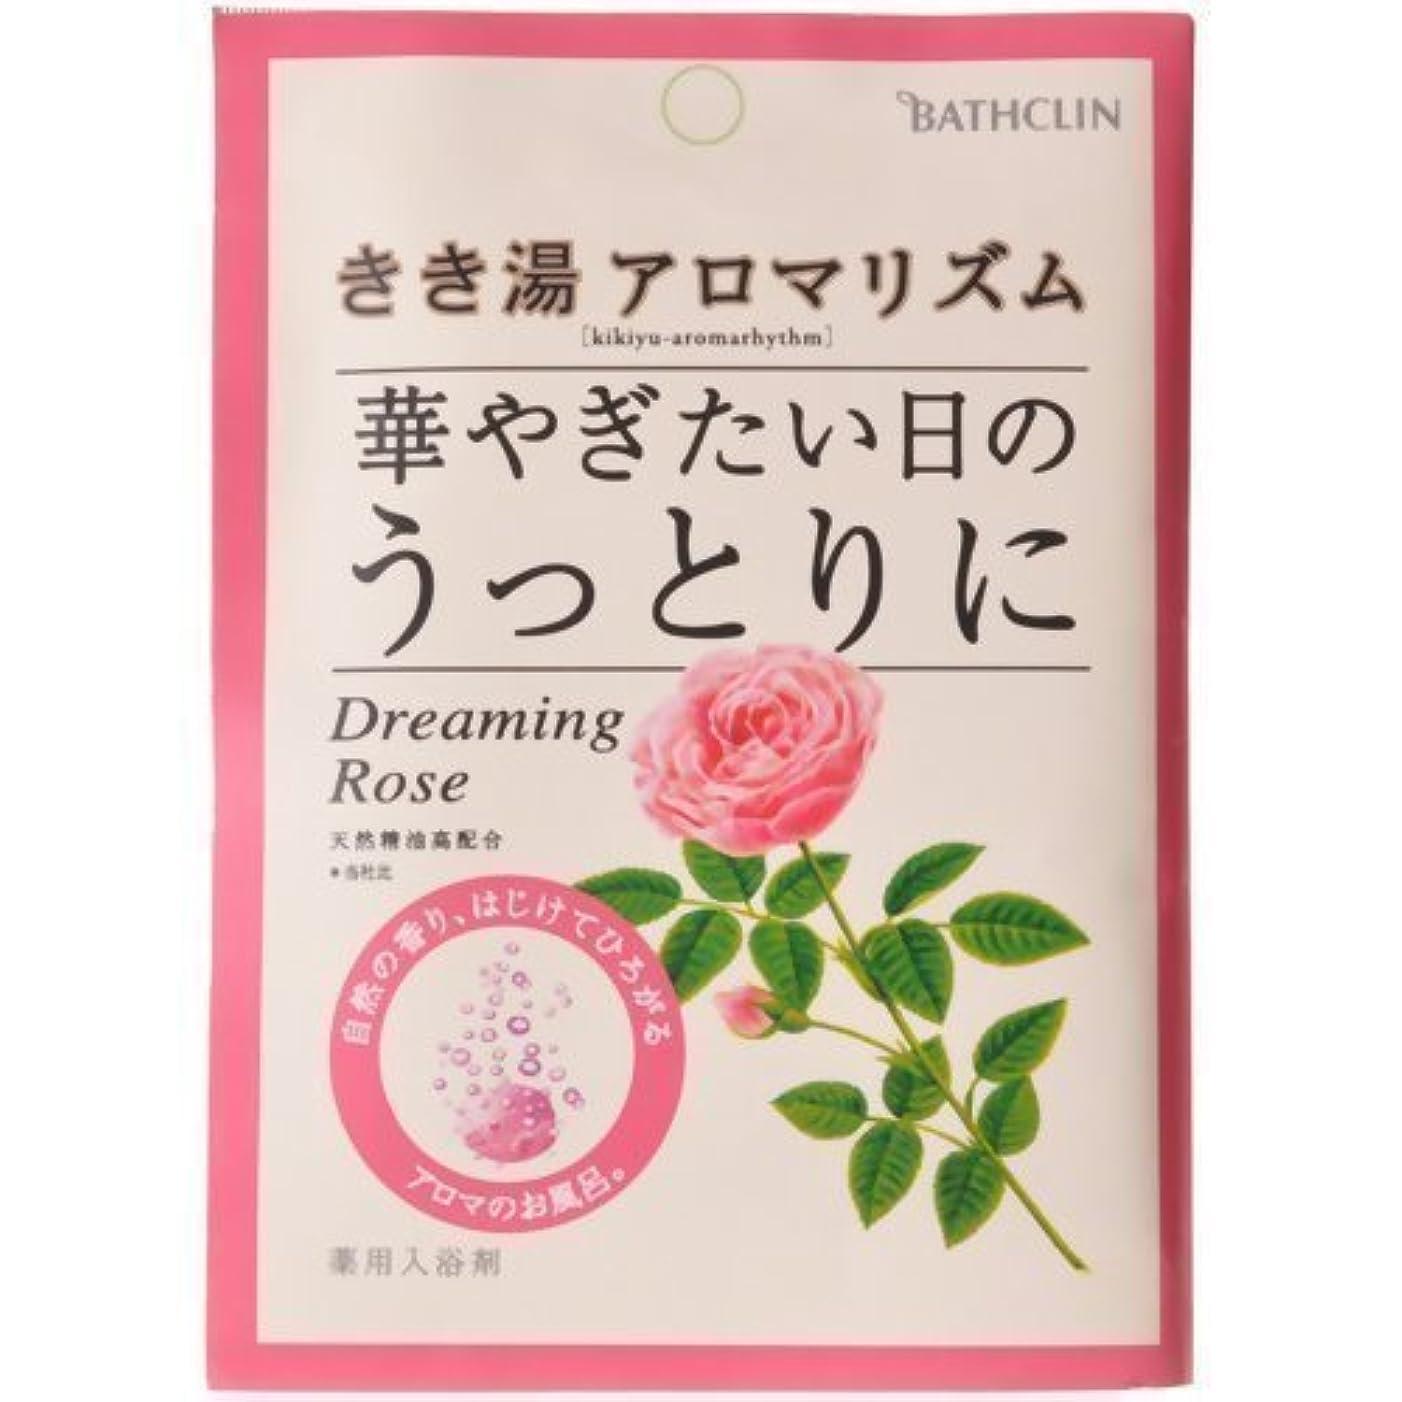 サスペンド無駄先入観【まとめ買い】きき湯 アロマリズム ドリーミングローズの香り 30g ×5個